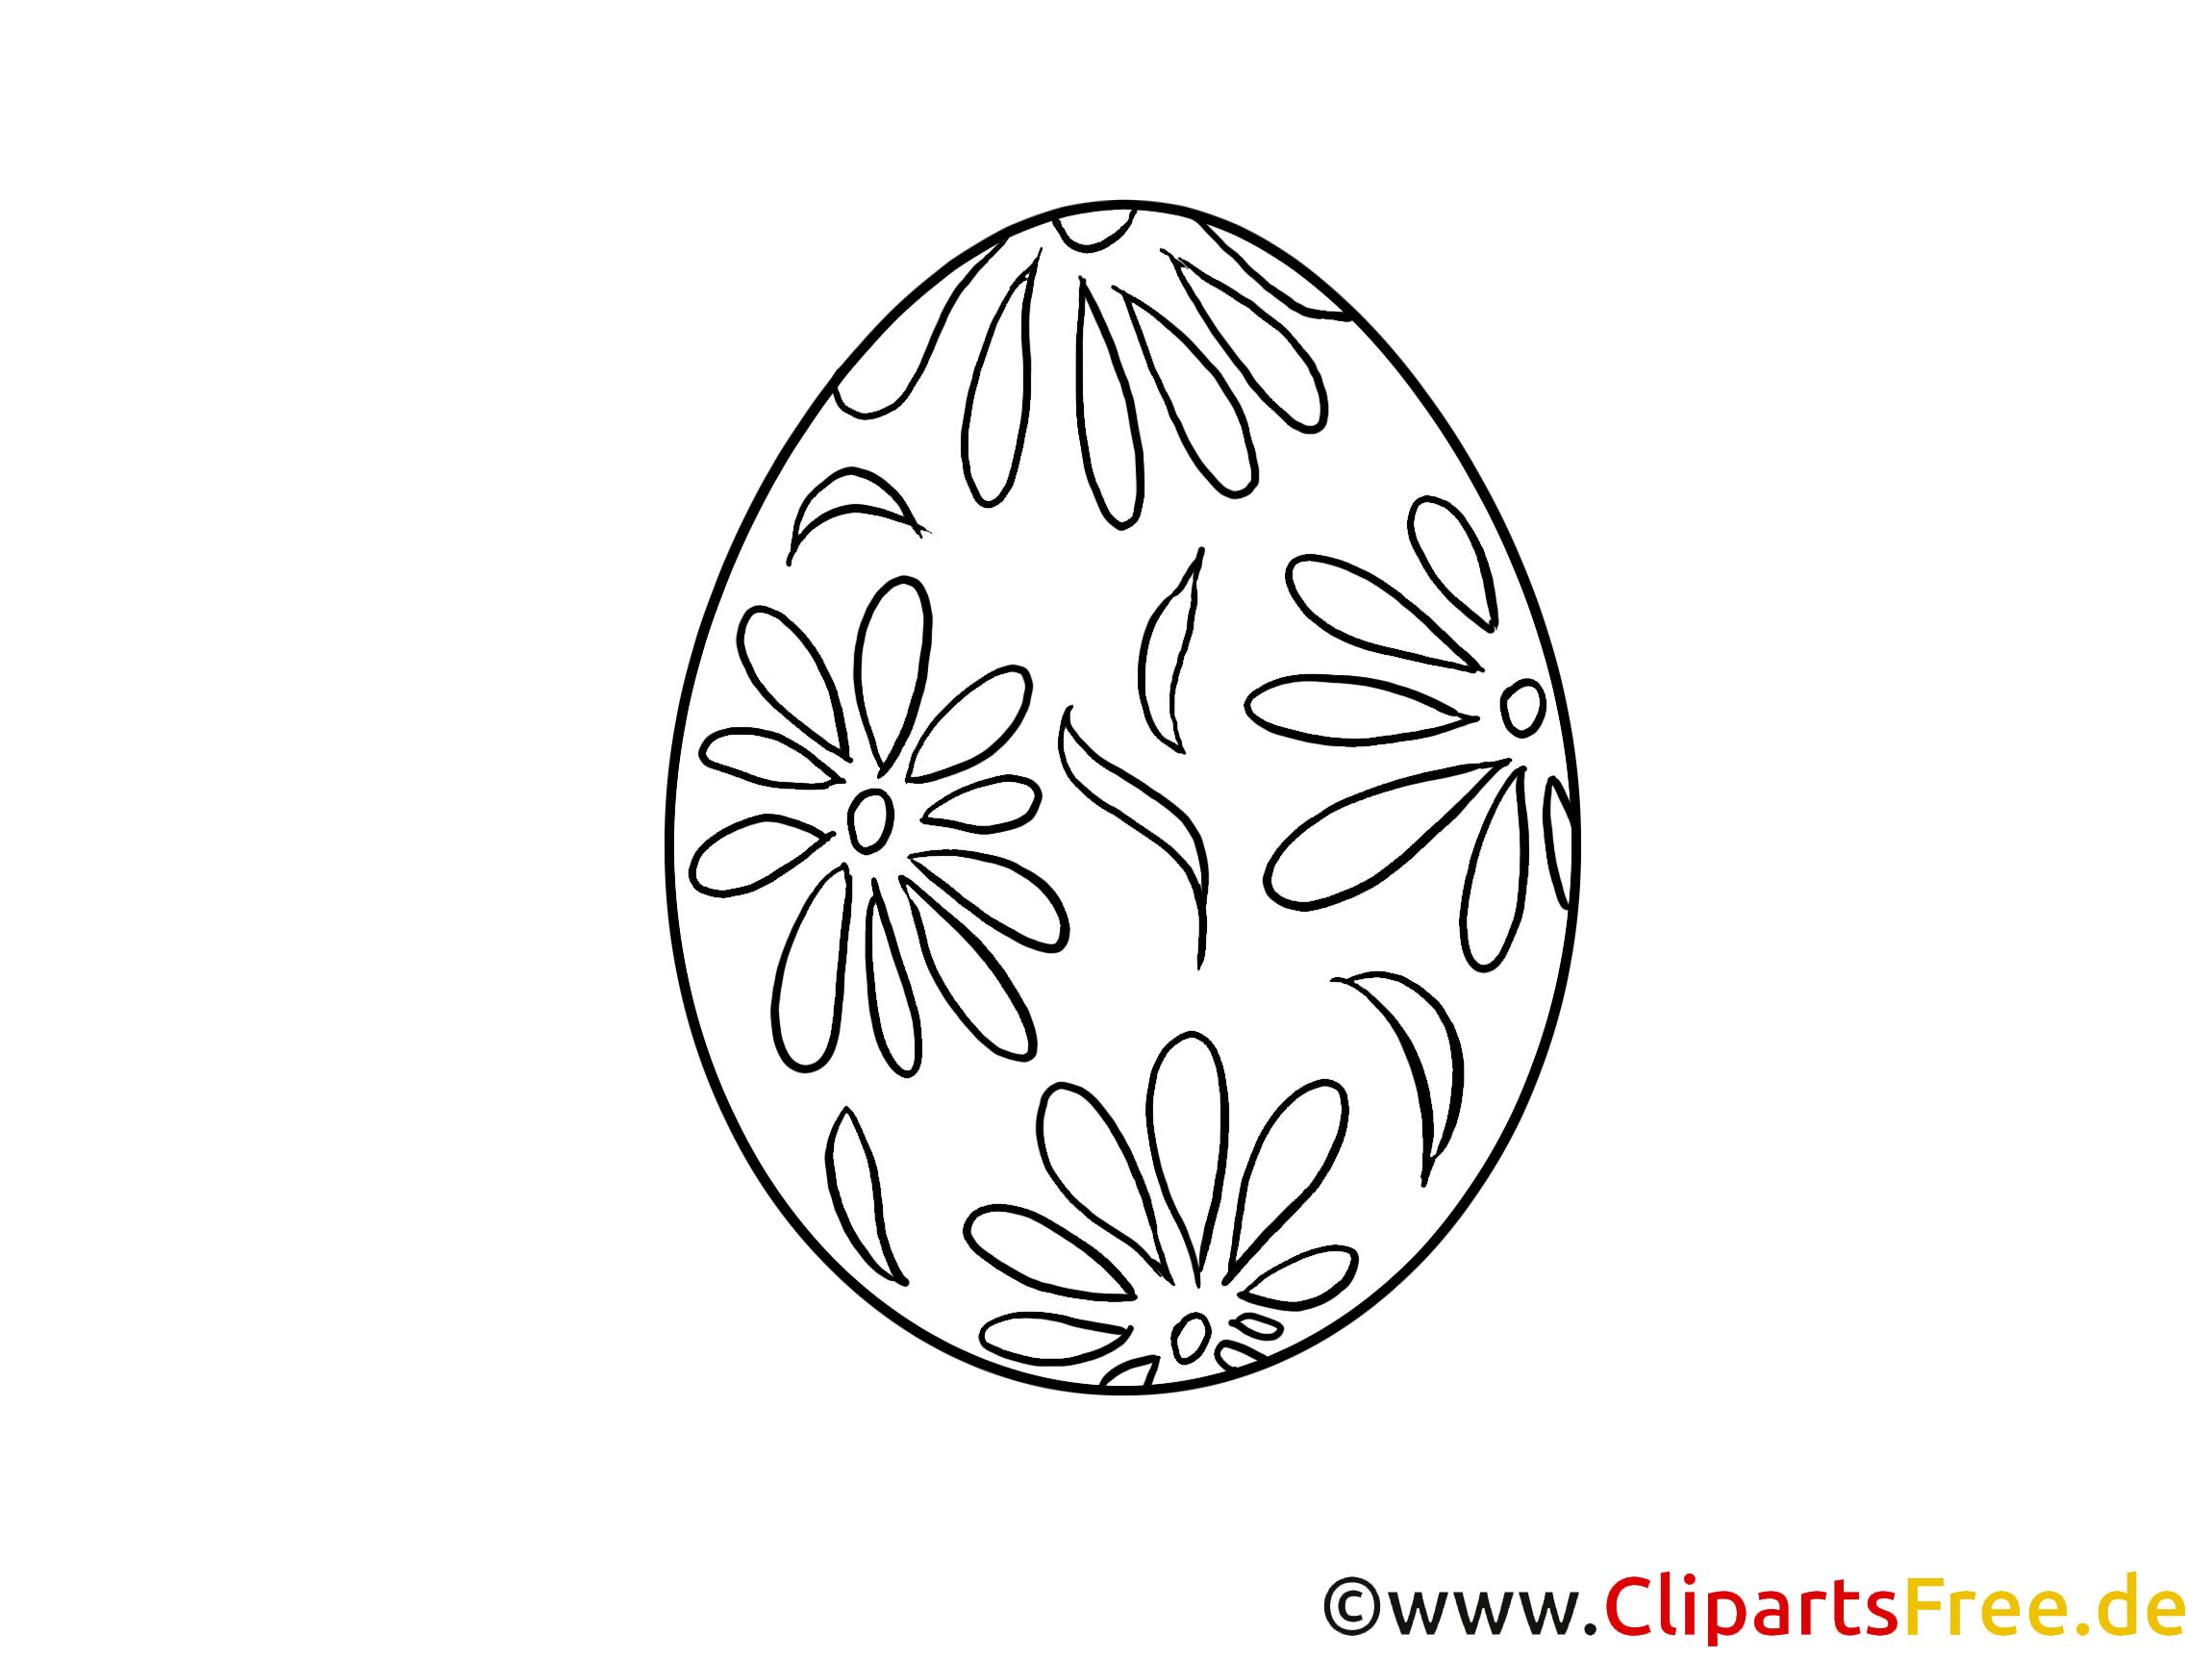 Ausmalbilder drucken zu Ostern im PDF-Format